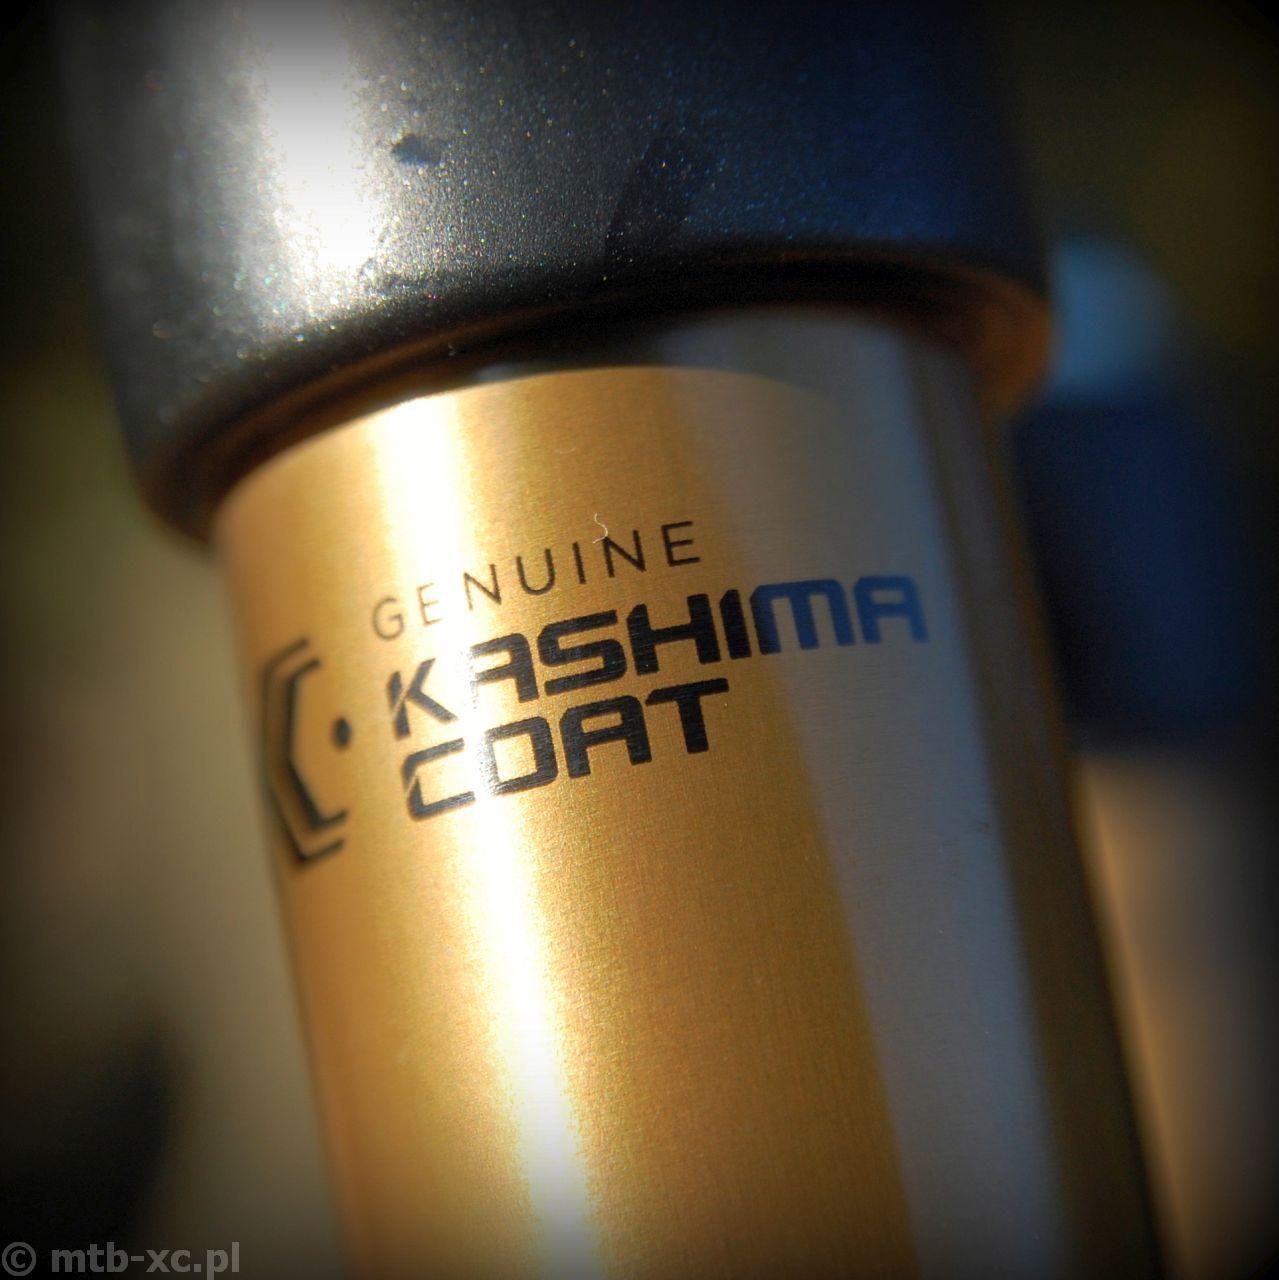 Kashima coat